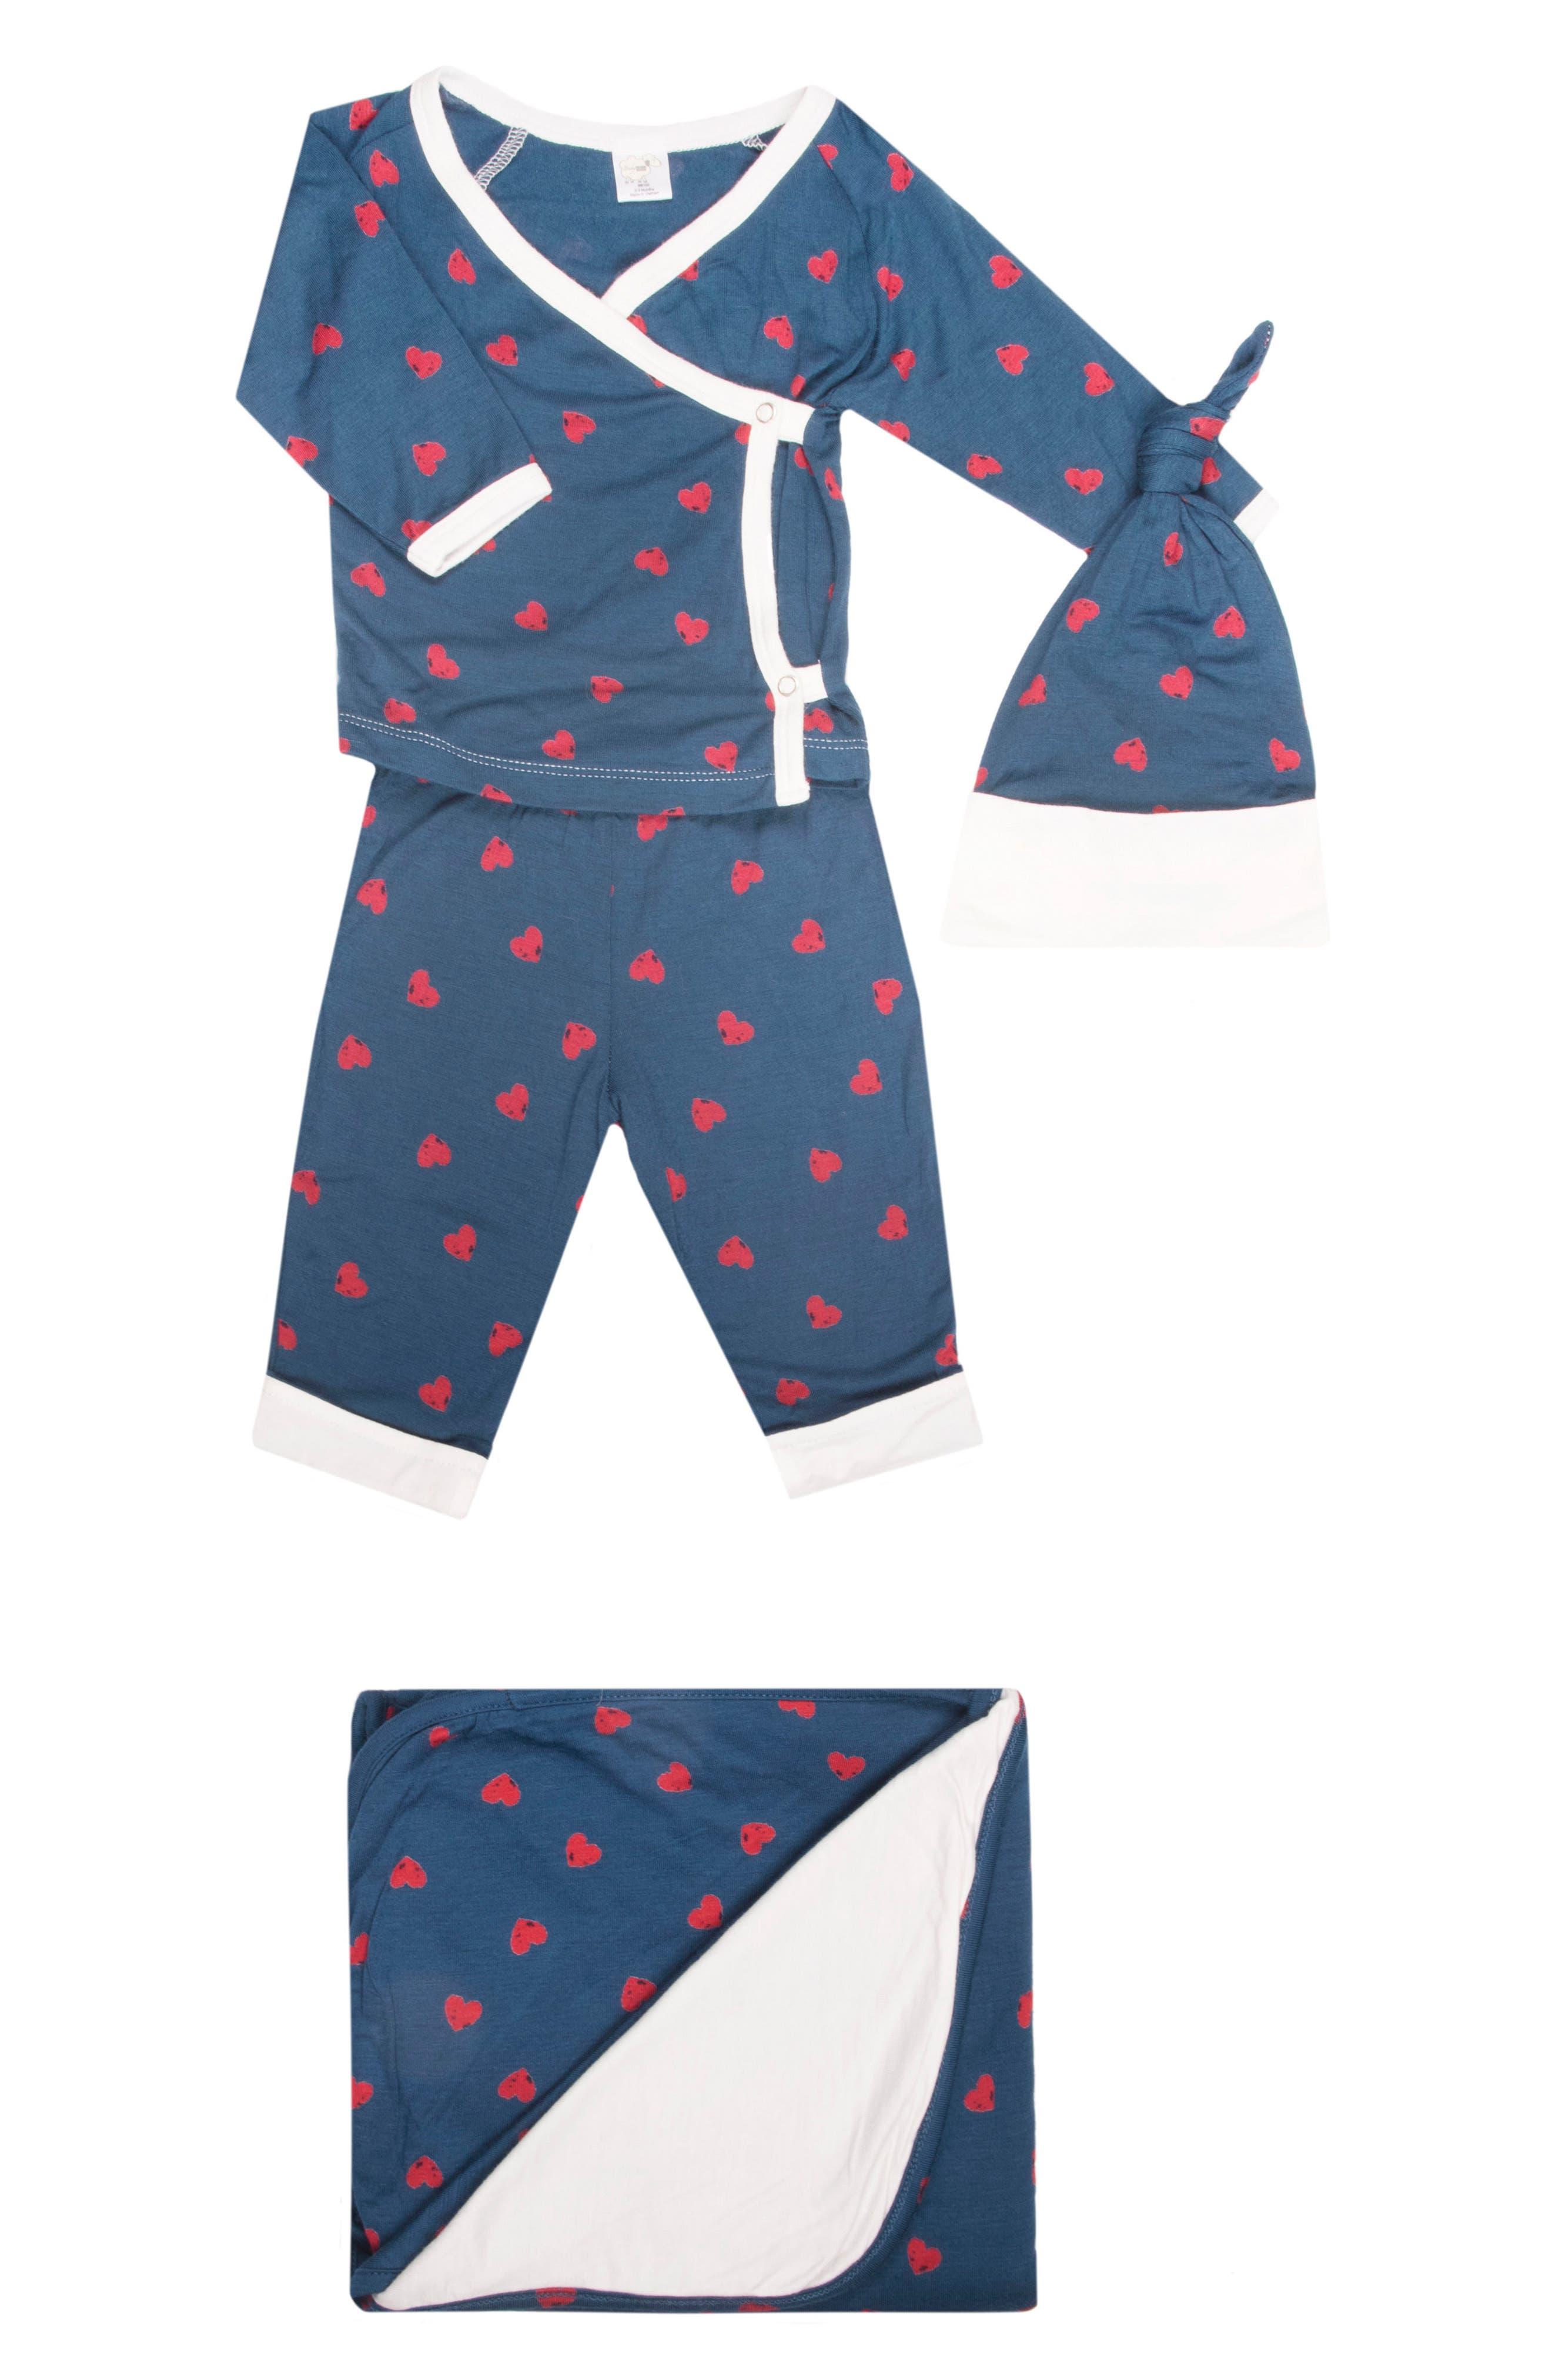 Kimono Top, Pants, Hat & Blanket Set,                             Main thumbnail 1, color,                             HEARTS